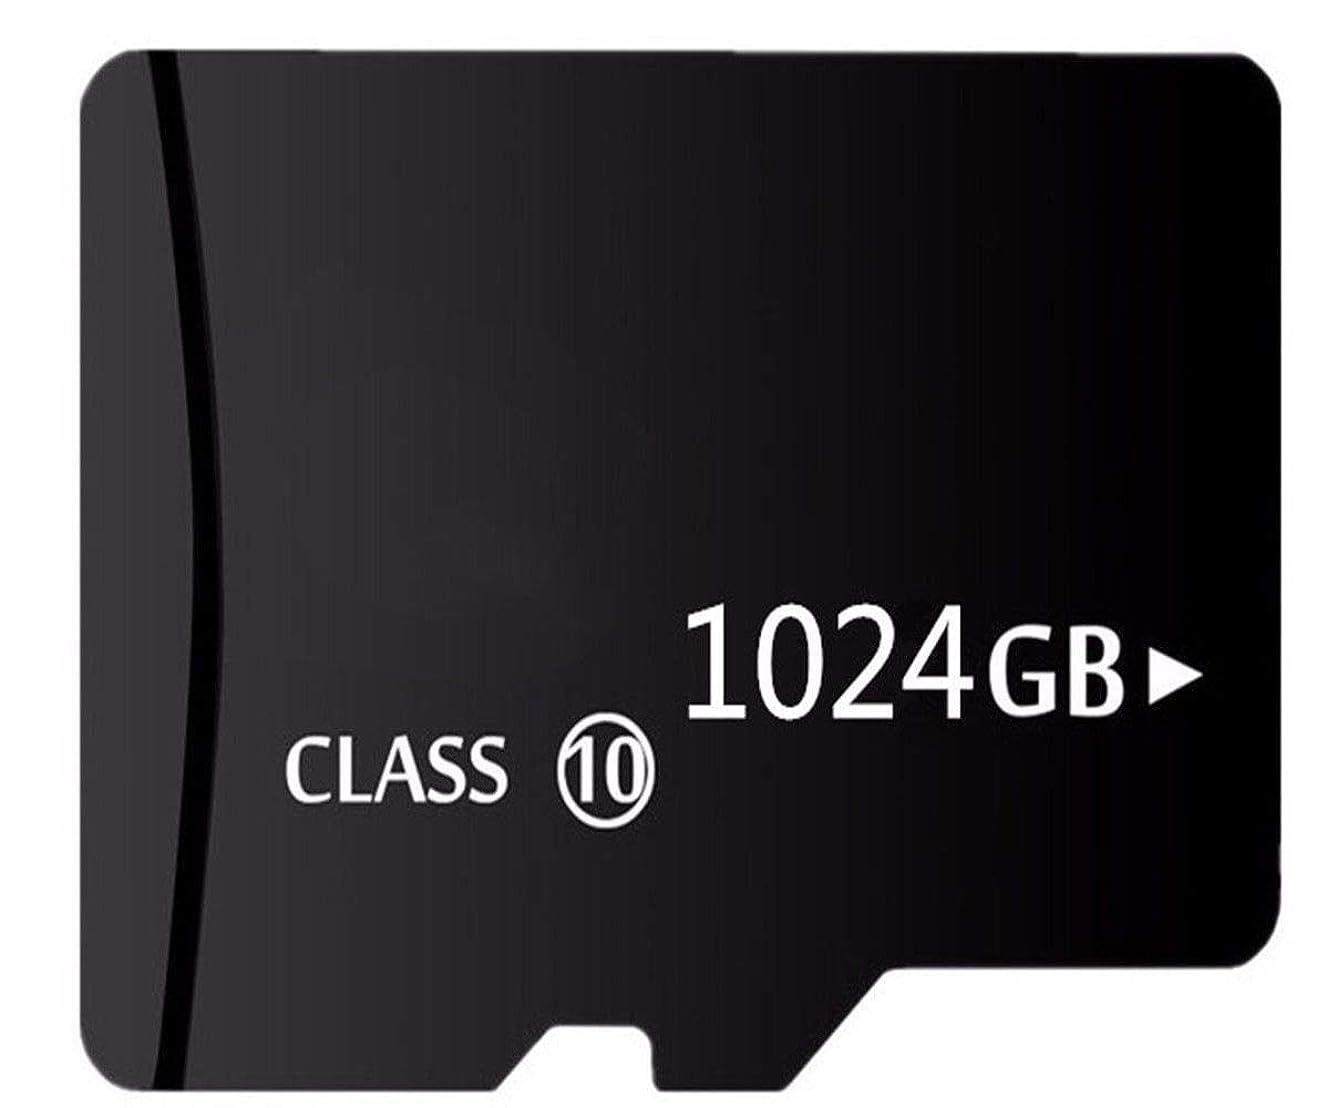 首尾一貫したグレーイブ1TB Micro Memory Card XC ストレージ S D 1024GB メモリーカード